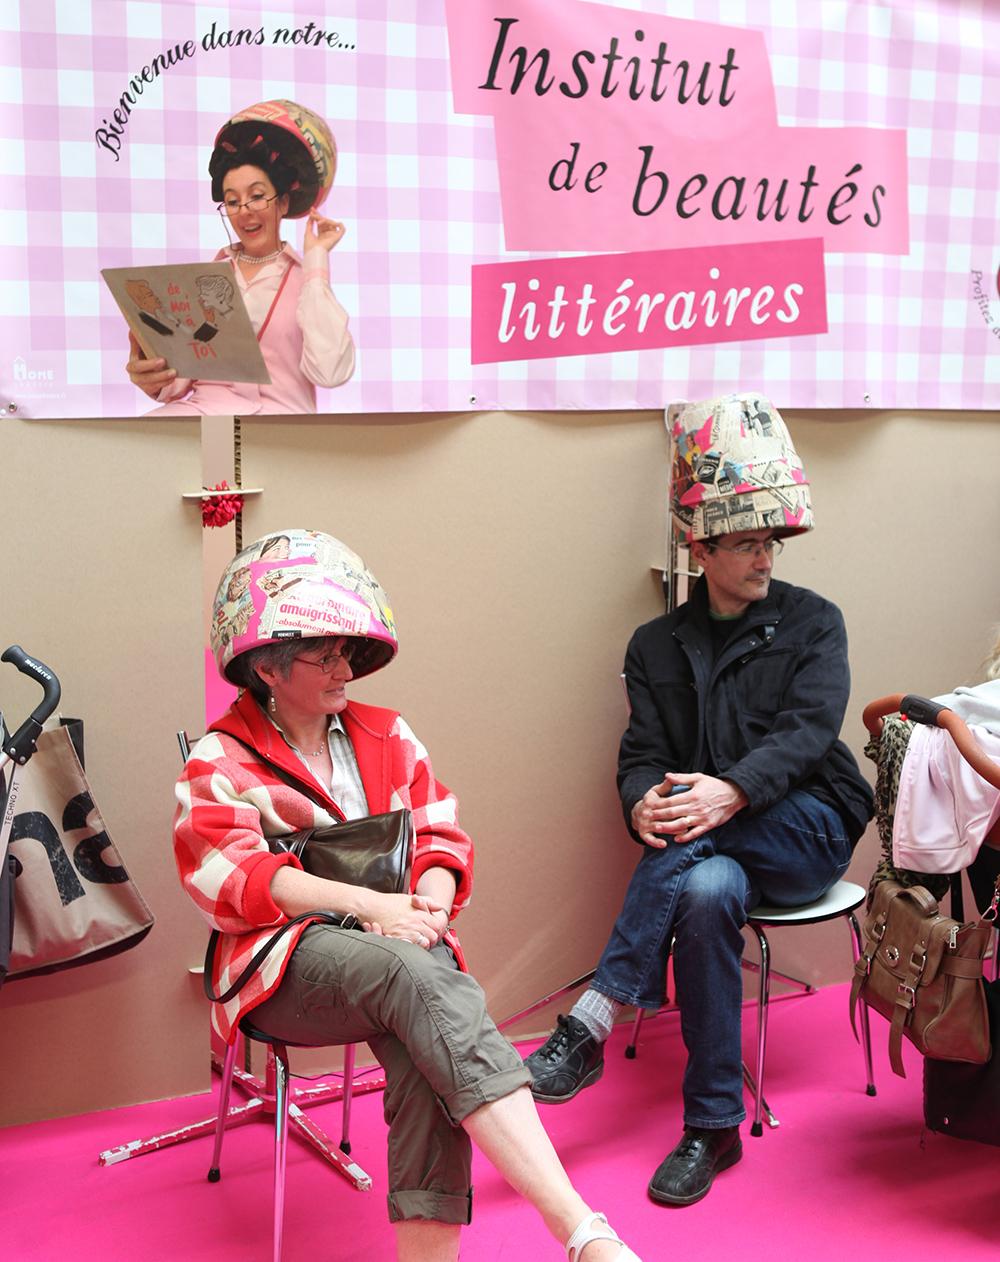 Fête du livre jeunesse : Institut de beautés littéraires.